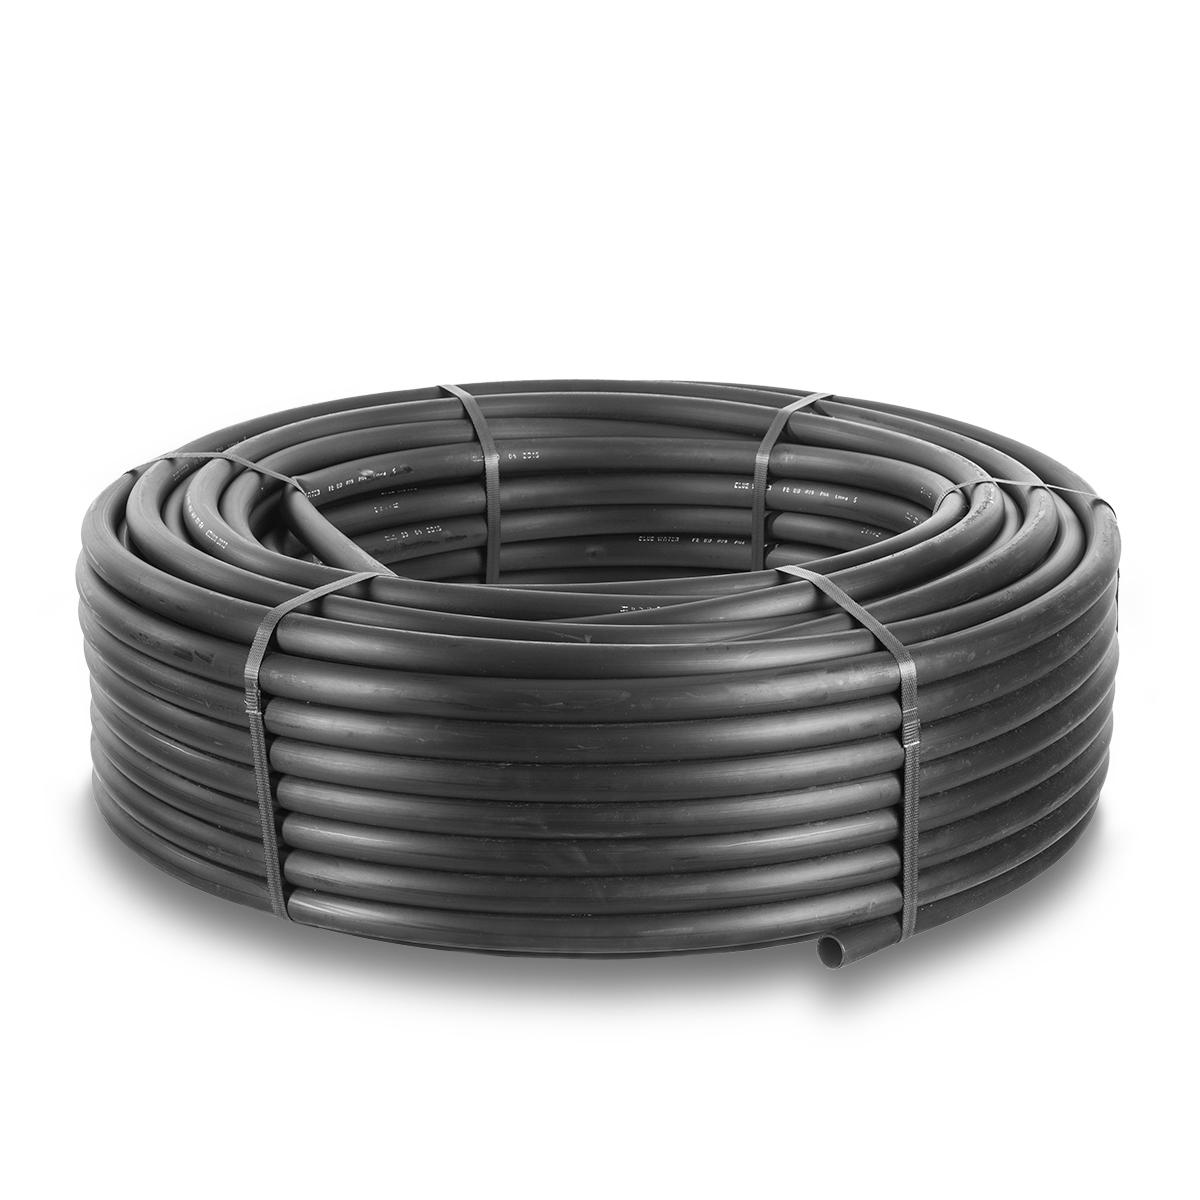 Relativ 100m PE Rohr 32mm x 1,9mm Druckrohr Verlegrohr für Brauchwasser PN4 TM17